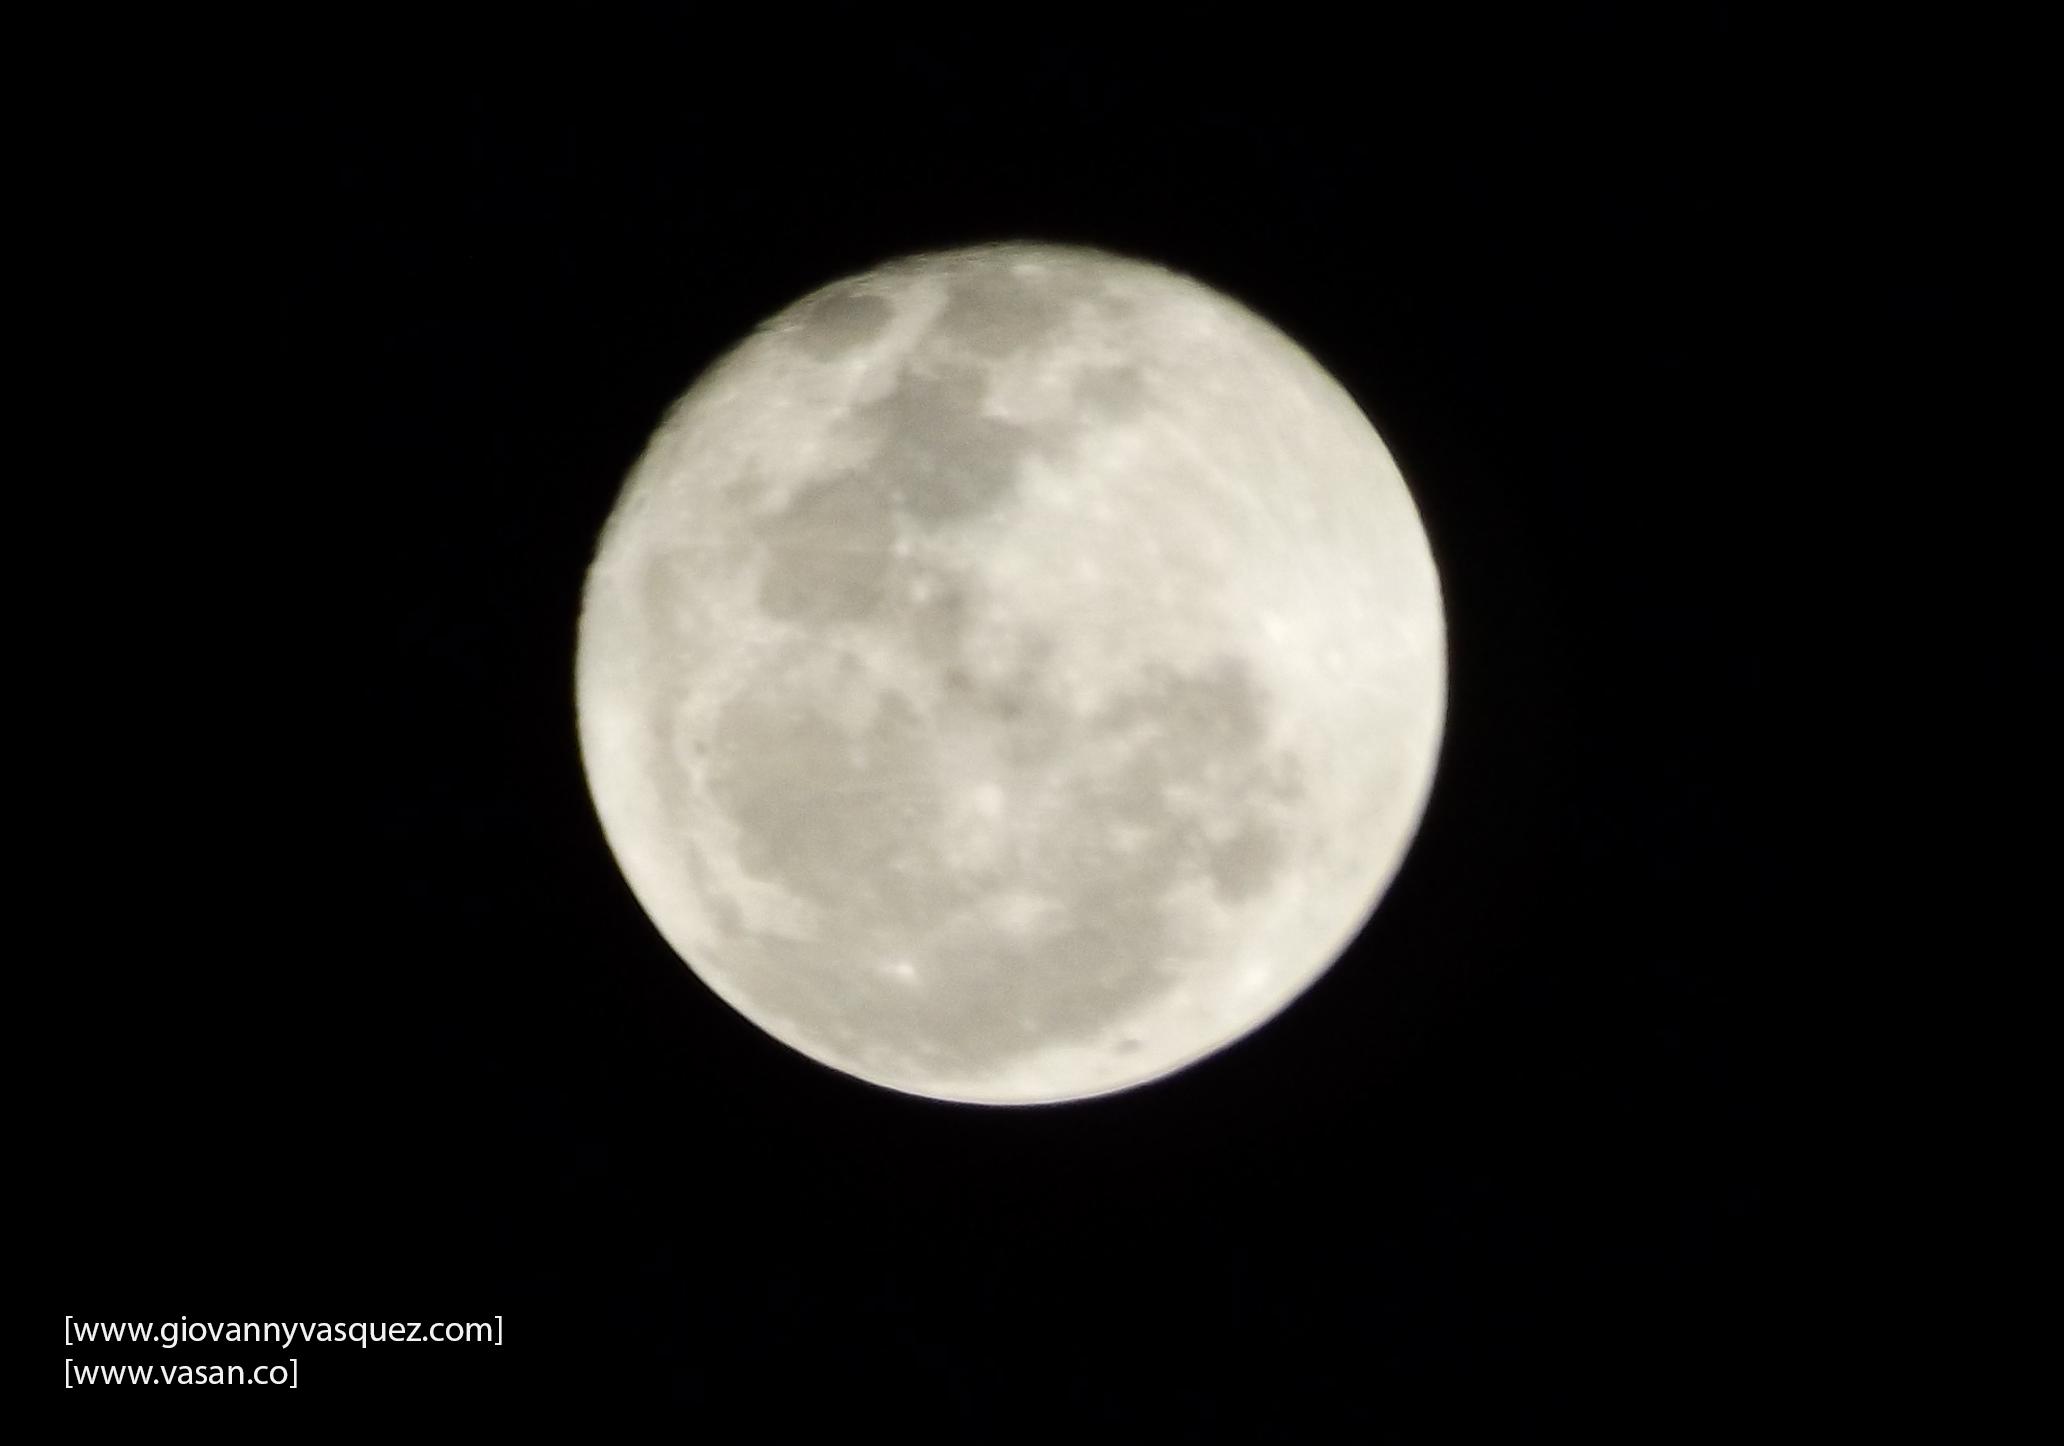 Luna [Foto] (15-02-2014)